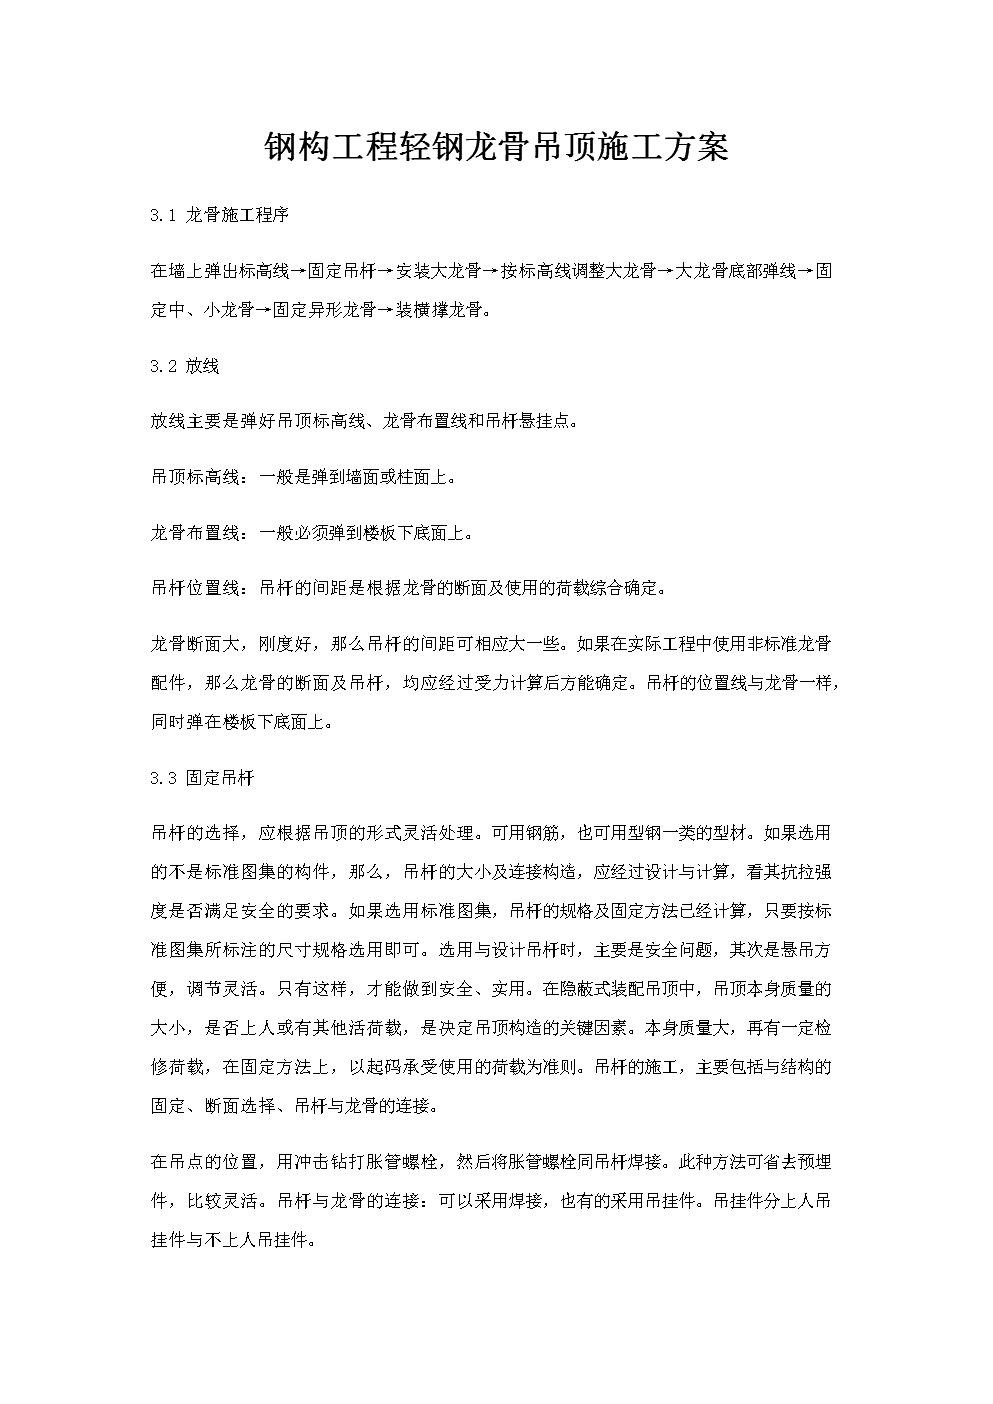 钢构工程轻钢龙骨吊顶施工方案.docx